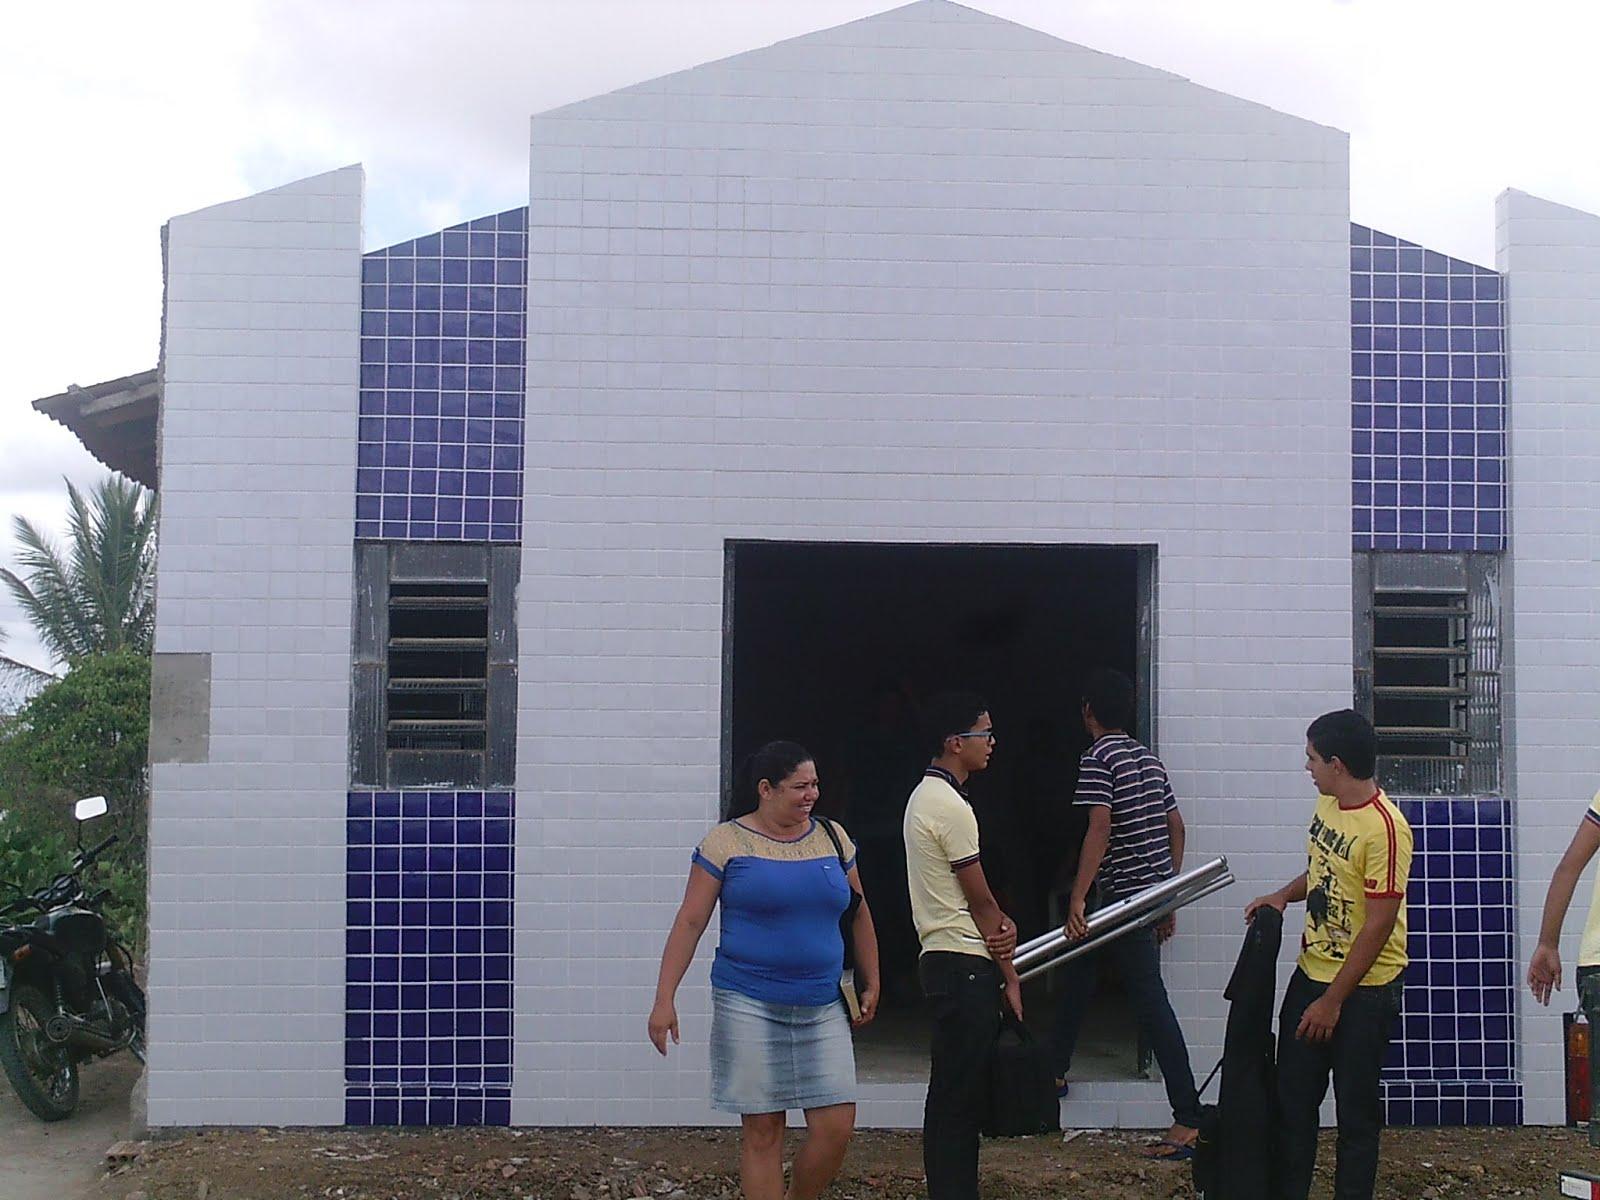 Igreja Assembleia de Deus Sitio Dendê